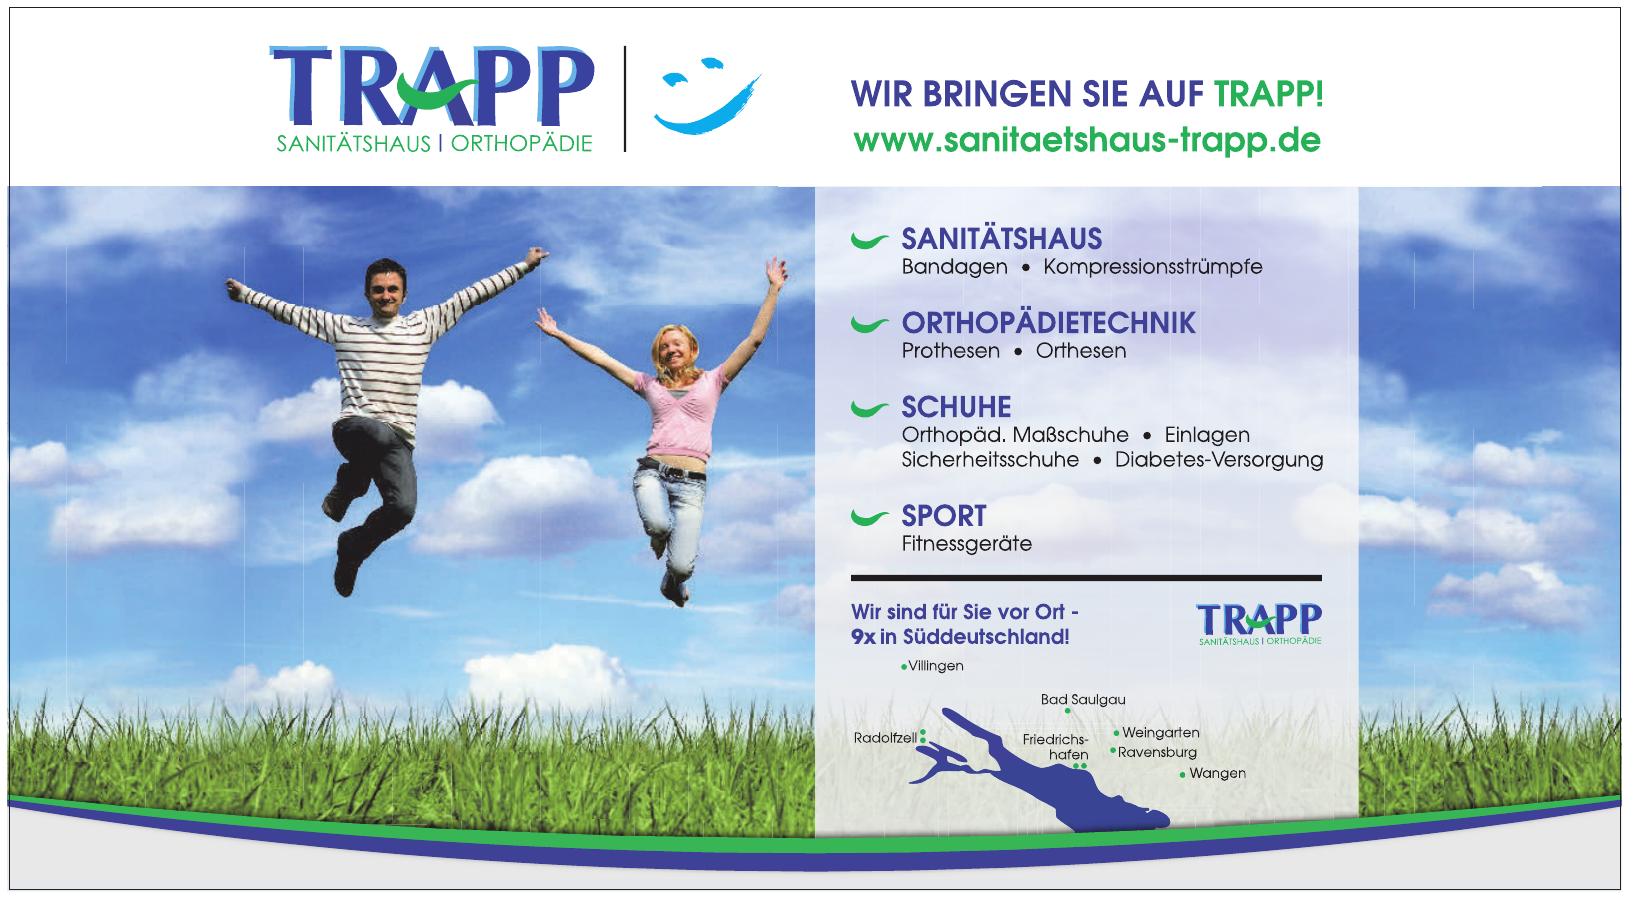 Trapp - Sanitätshaus/Orthopädie